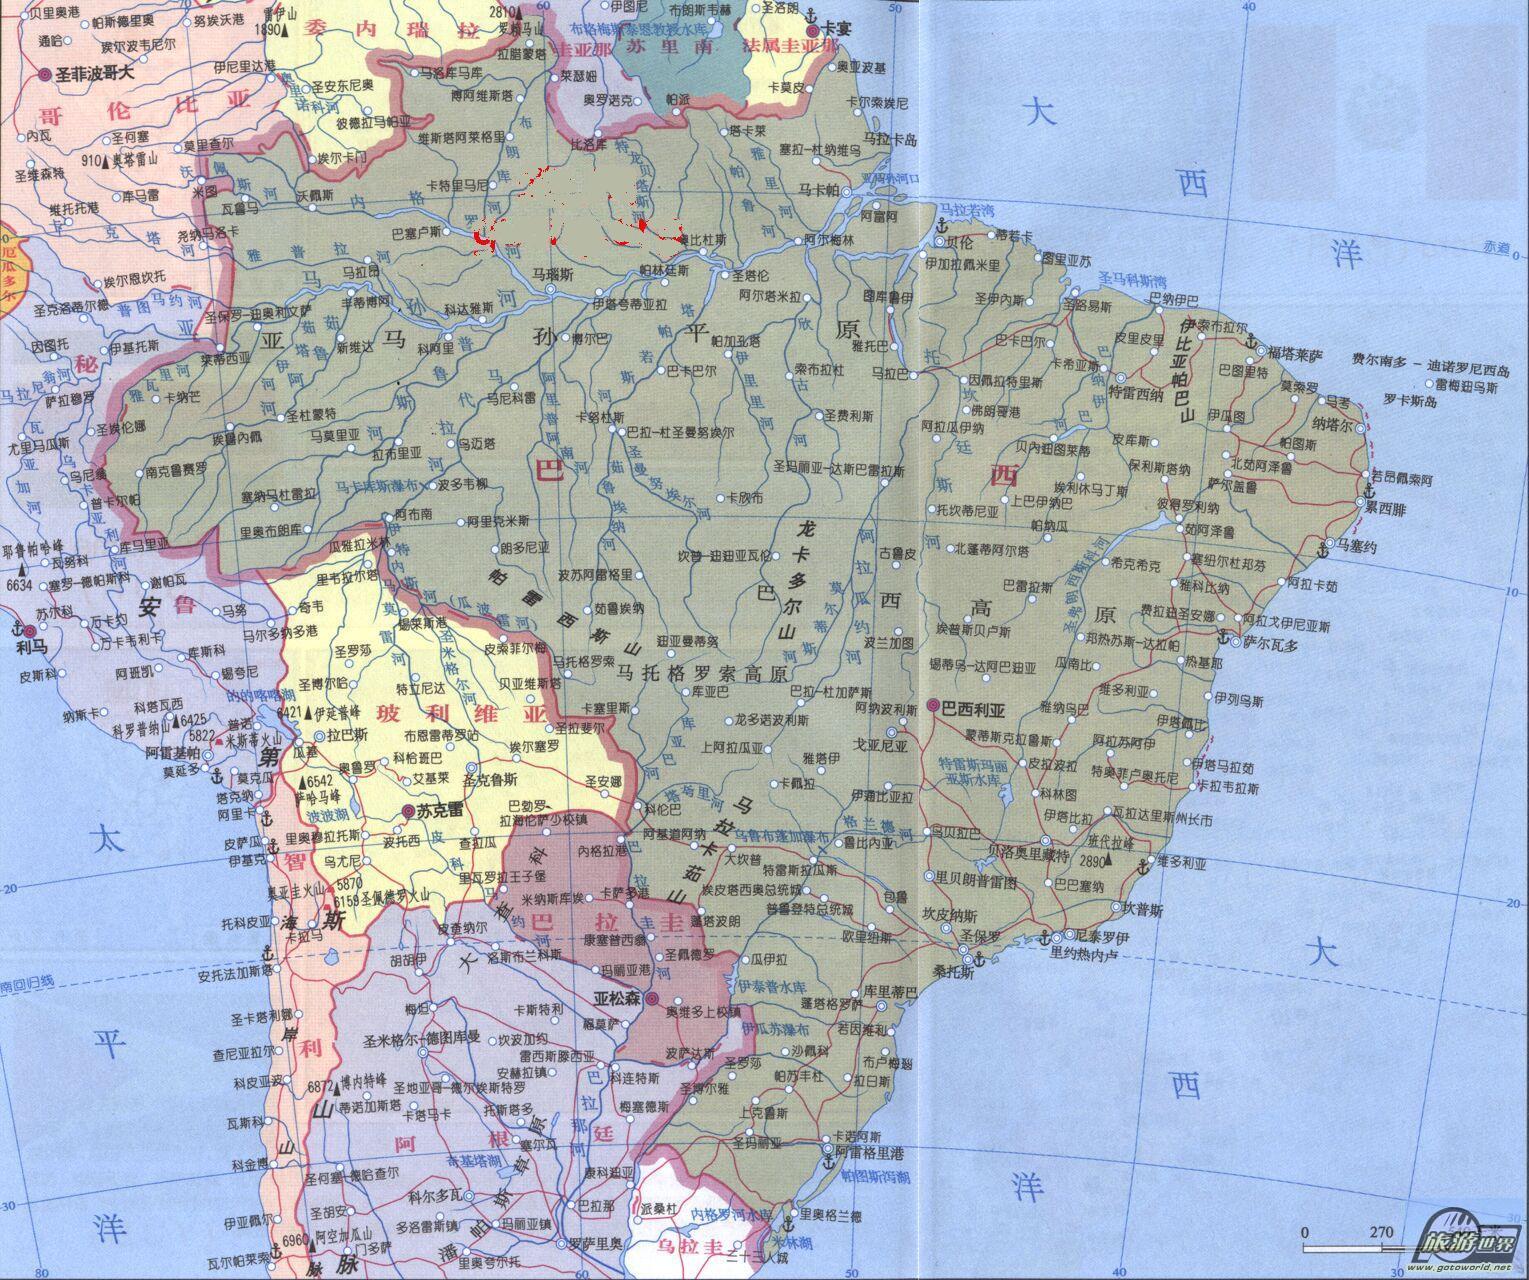 南美洲地图全图高清版_北美洲地图全图高清版